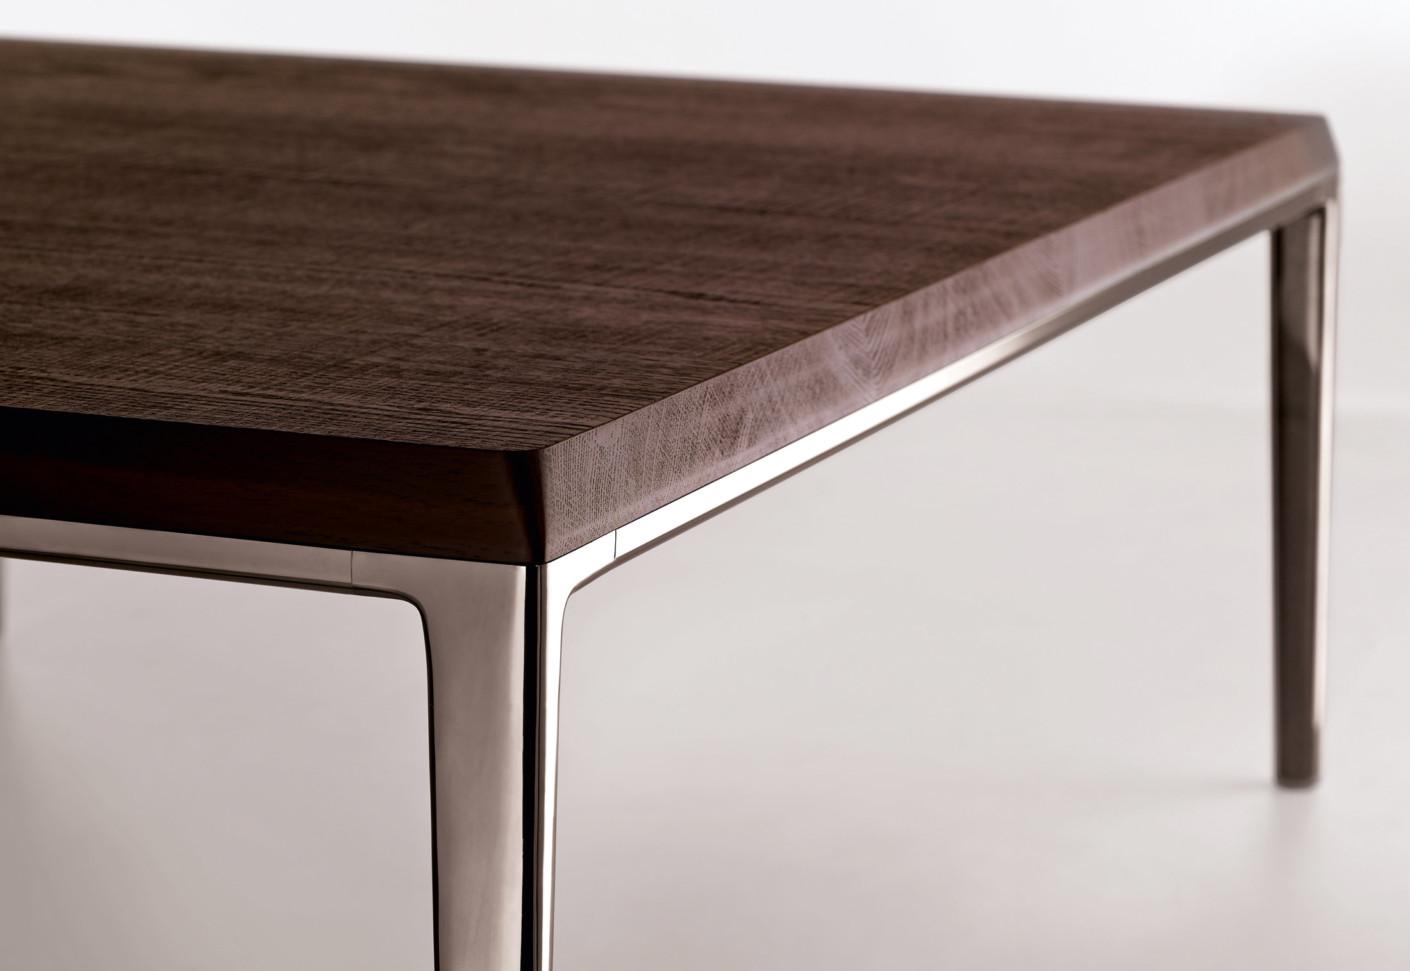 Couchtisch Mali Weisse Couch Von Musterring Helle Wohnzimmereinrichtung Ideen